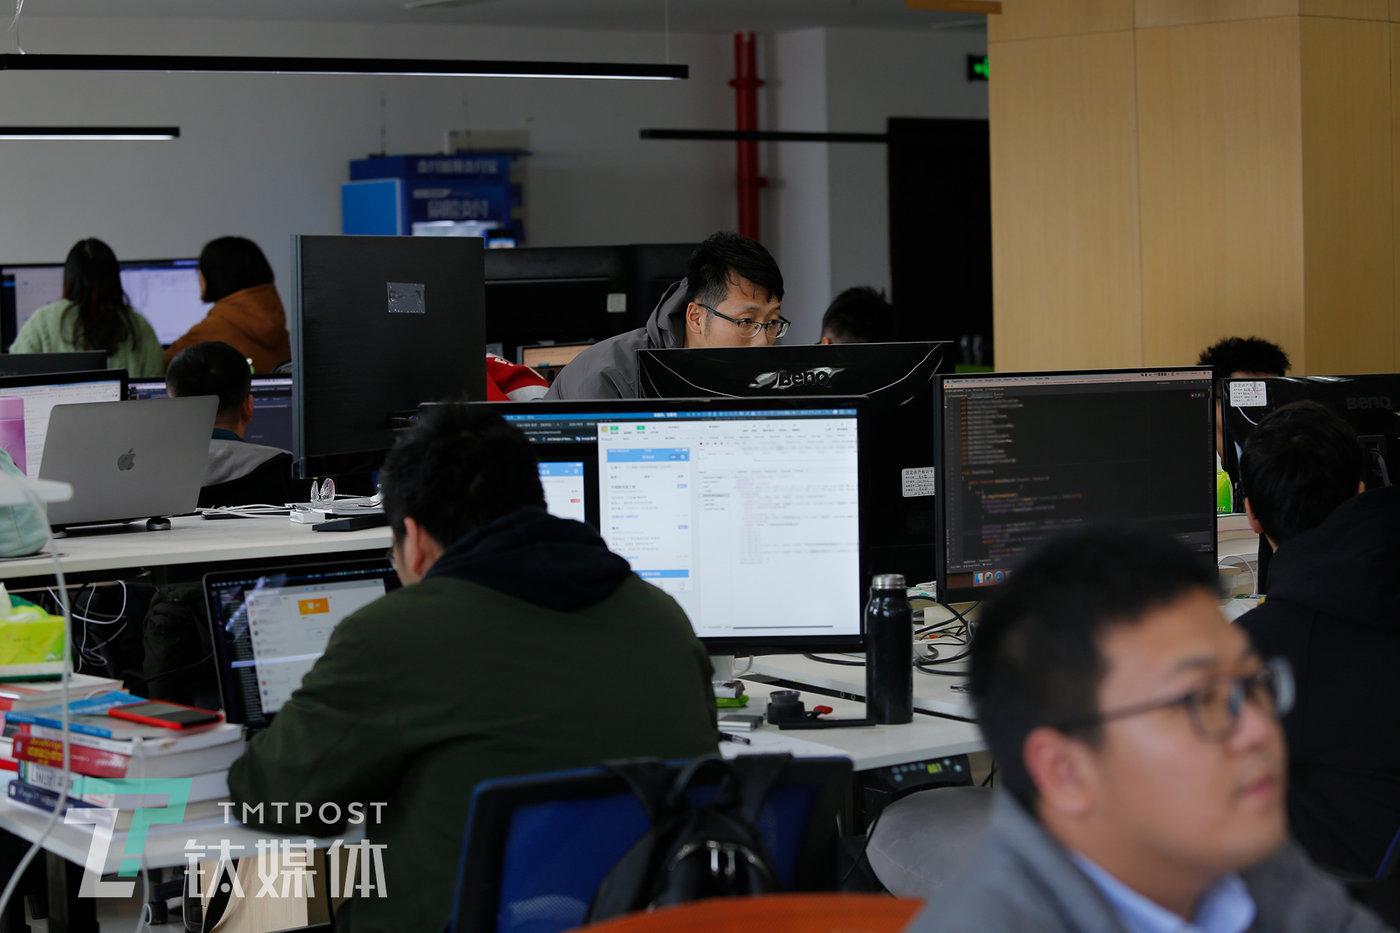 11月21日,南京,机械指挥官总部,算法工程师团队。